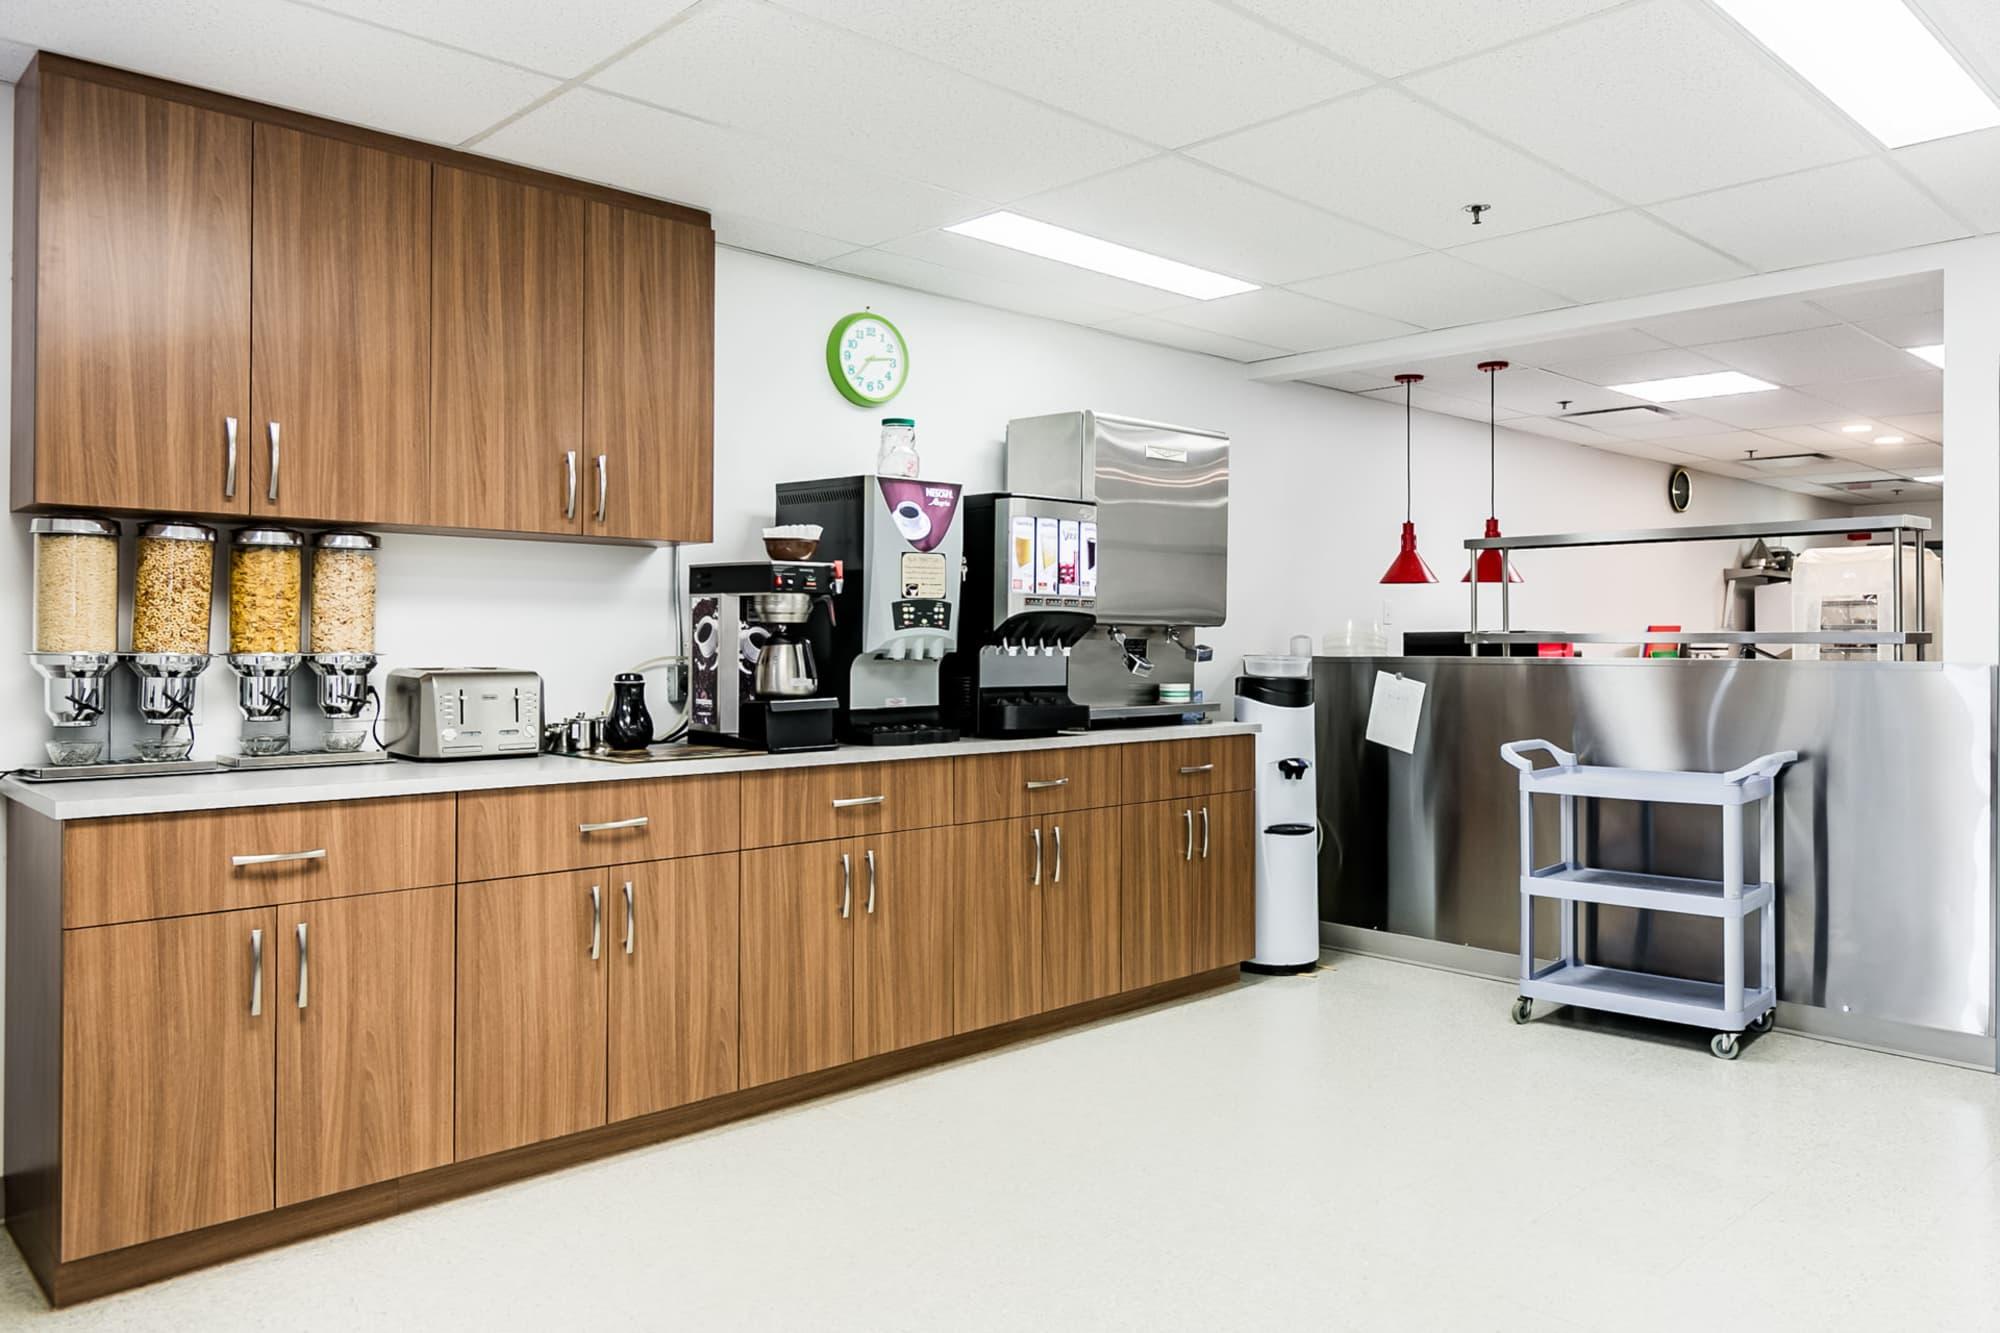 cuisine industrielle avec armoires en bois et équipement en inox